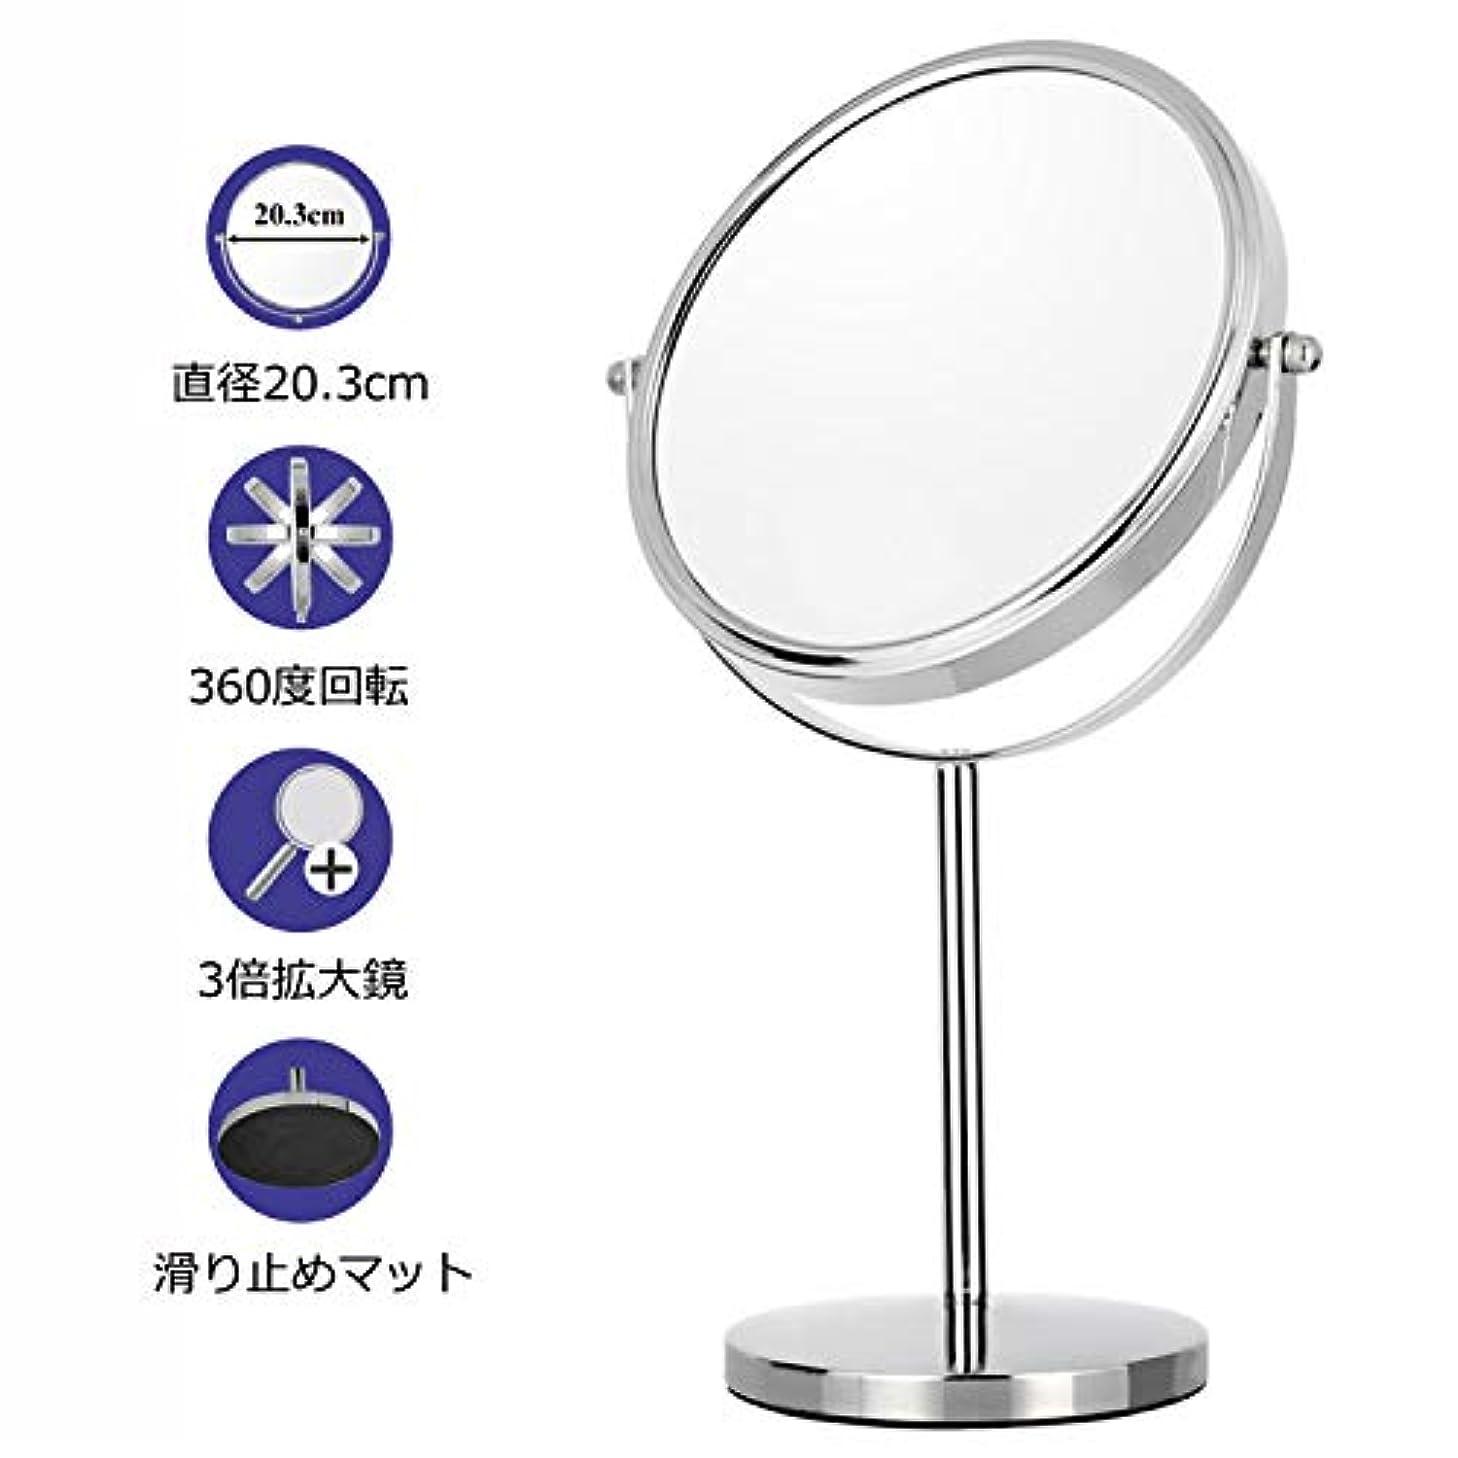 フレットアンティーク硫黄鏡 卓上 拡大鏡付き 3倍卓上鏡 真実の両面鏡 浴室鏡 ミラー 360度回転 スタンドミラー クロム 鏡 (鏡面23.2cm)